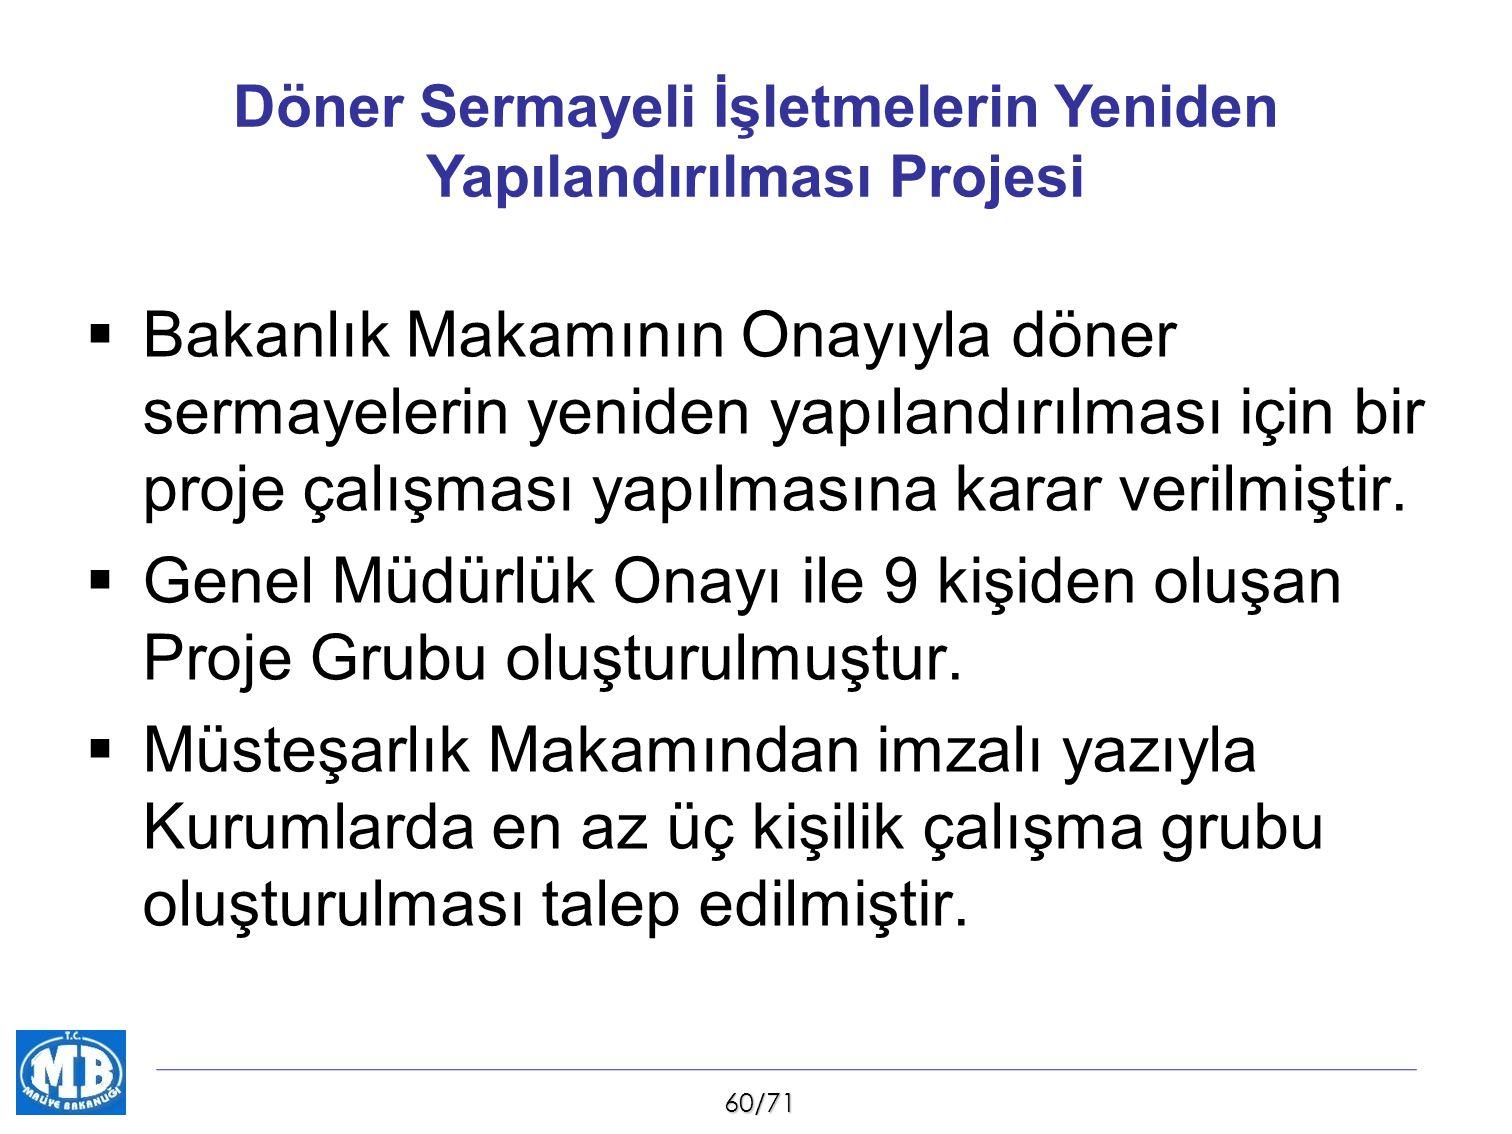 60/71  Bakanlık Makamının Onayıyla döner sermayelerin yeniden yapılandırılması için bir proje çalışması yapılmasına karar verilmiştir.  Genel Müdürl